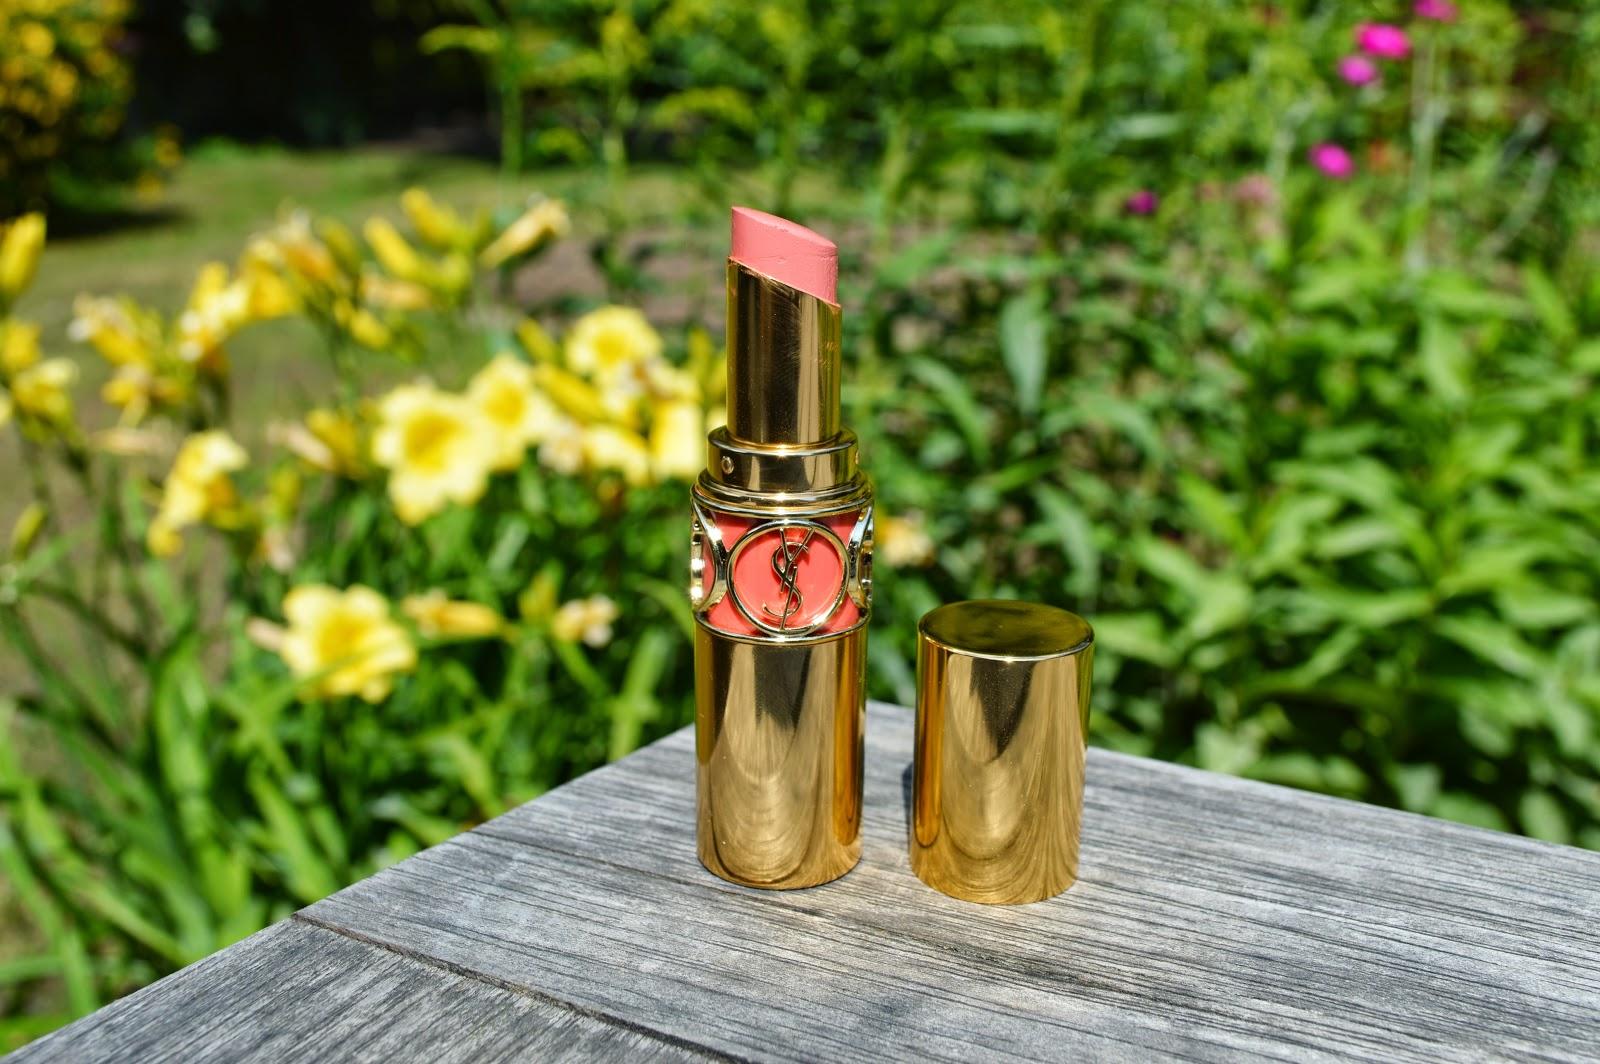 YSL Rouge Volupte lipstick in 13 Peach Passion